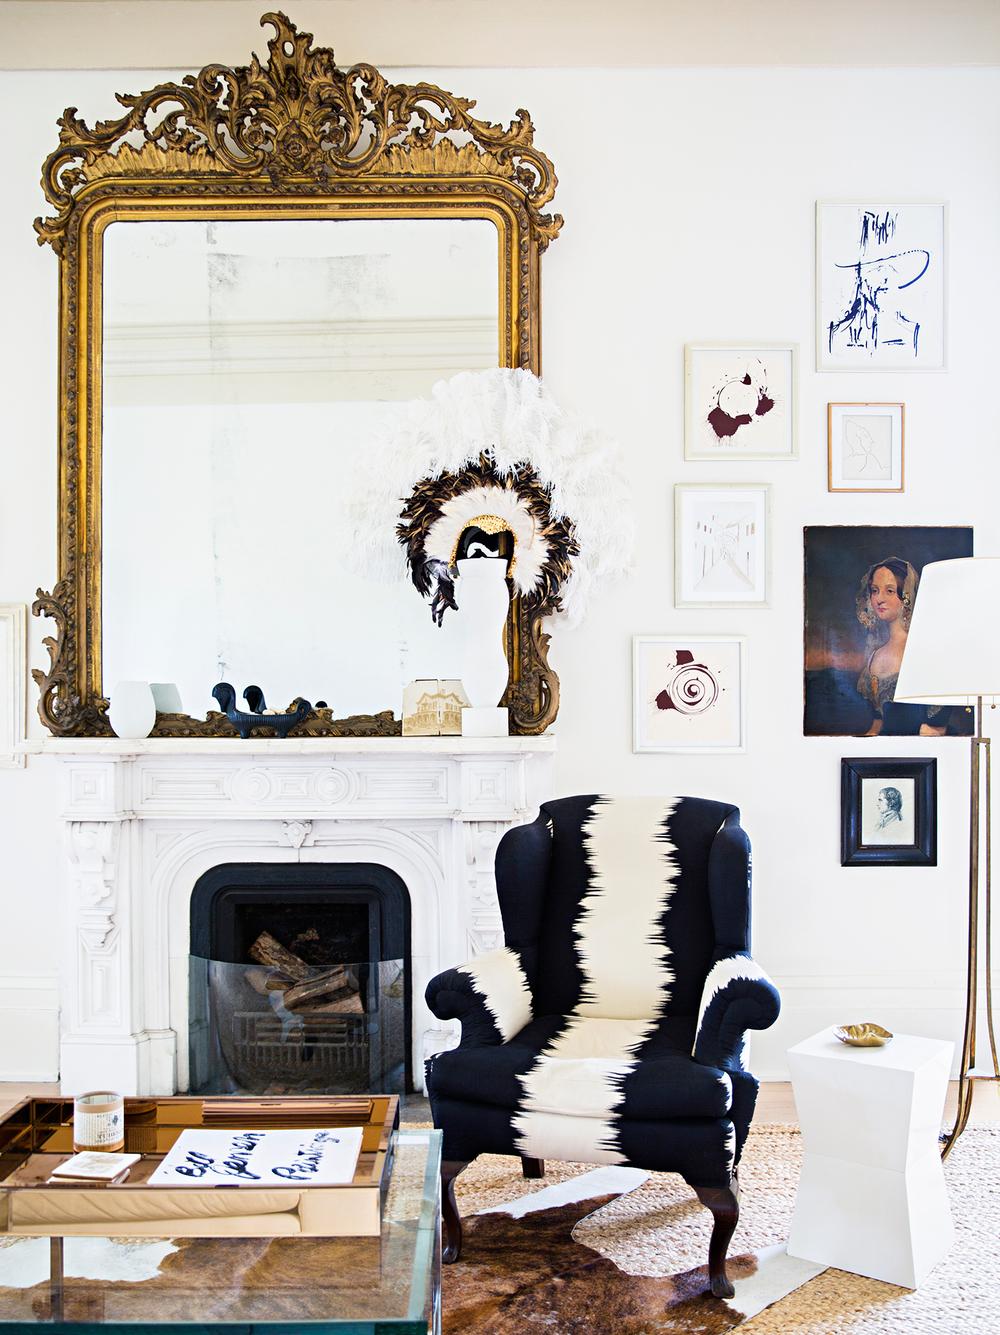 Interior Design by Sara Ruffin Costello